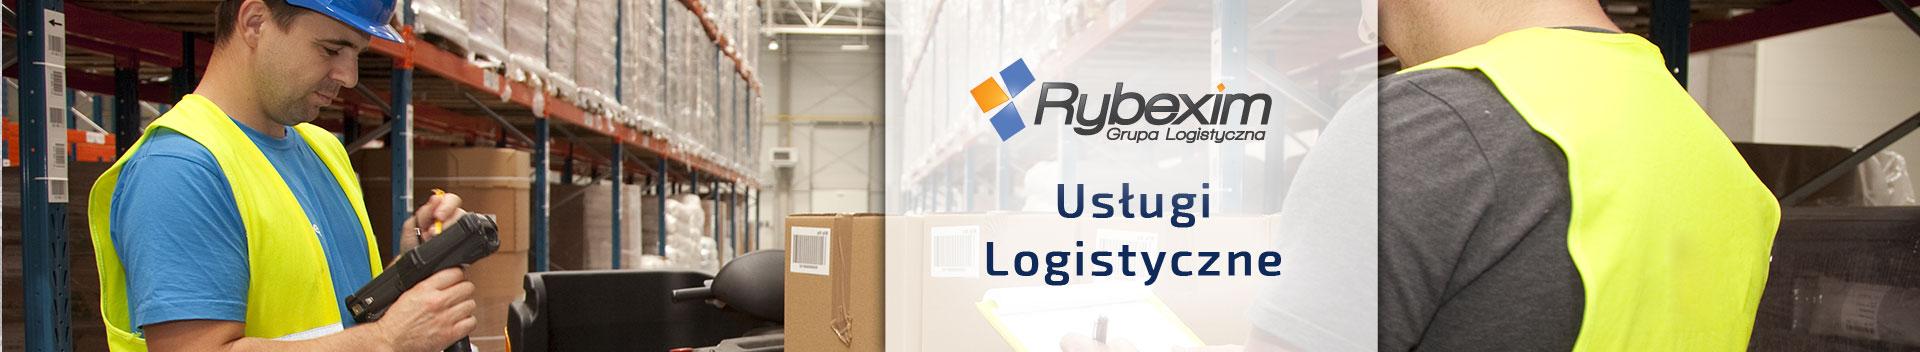 Rybexim - usługi logistyczne - w tle magazynierzy w kamizelkach i kaskach pracujący w magazynie z nowoczesnym sprzętem